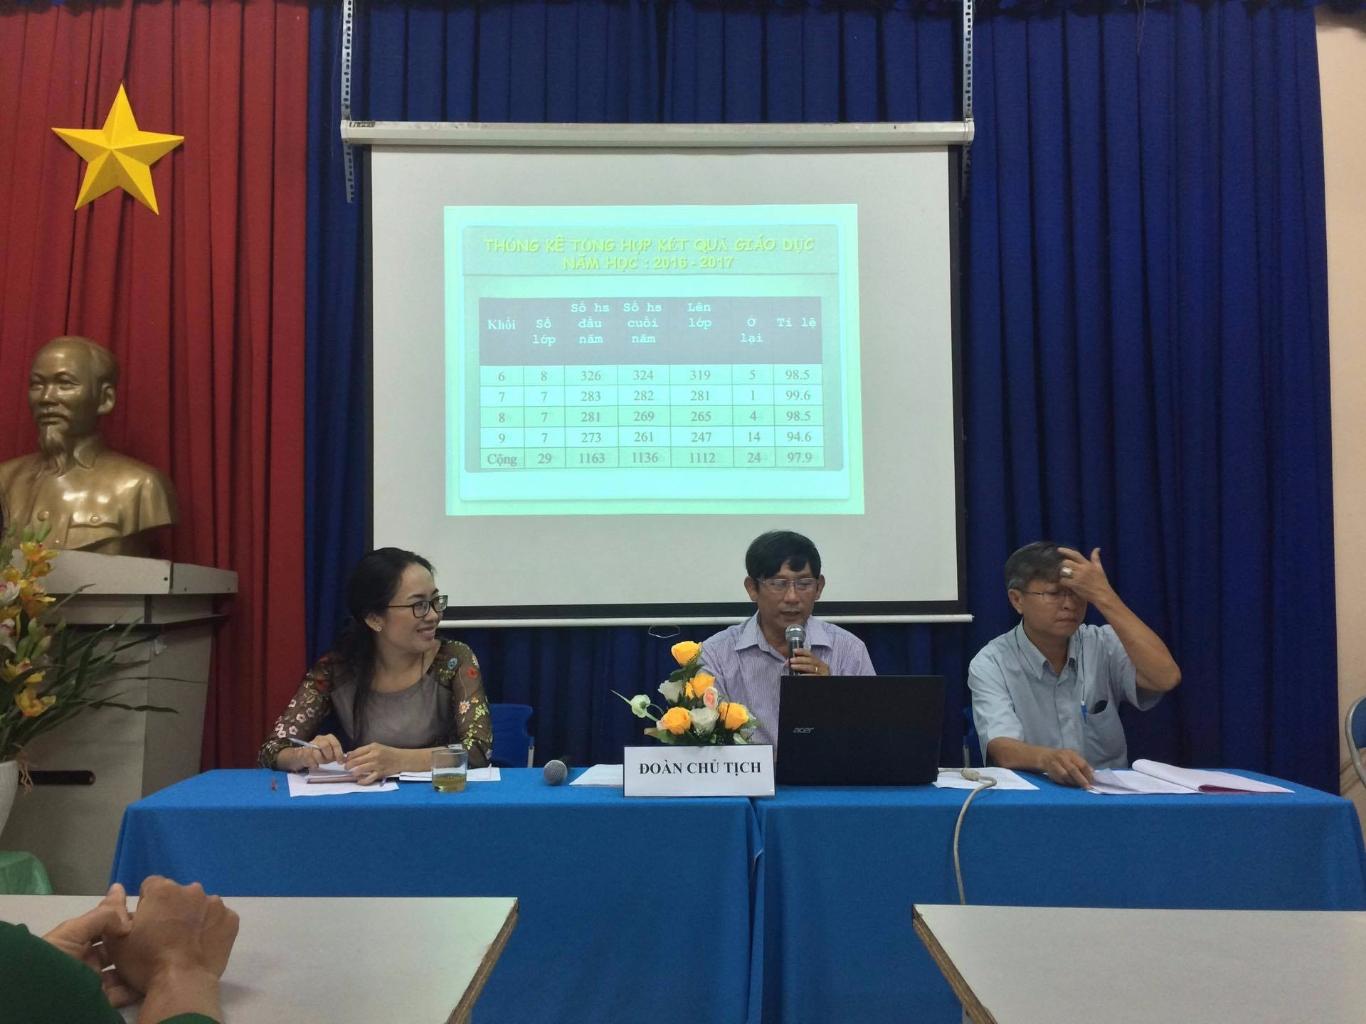 Hội nghị cán bộ viên chức năm học 2017 - 2018